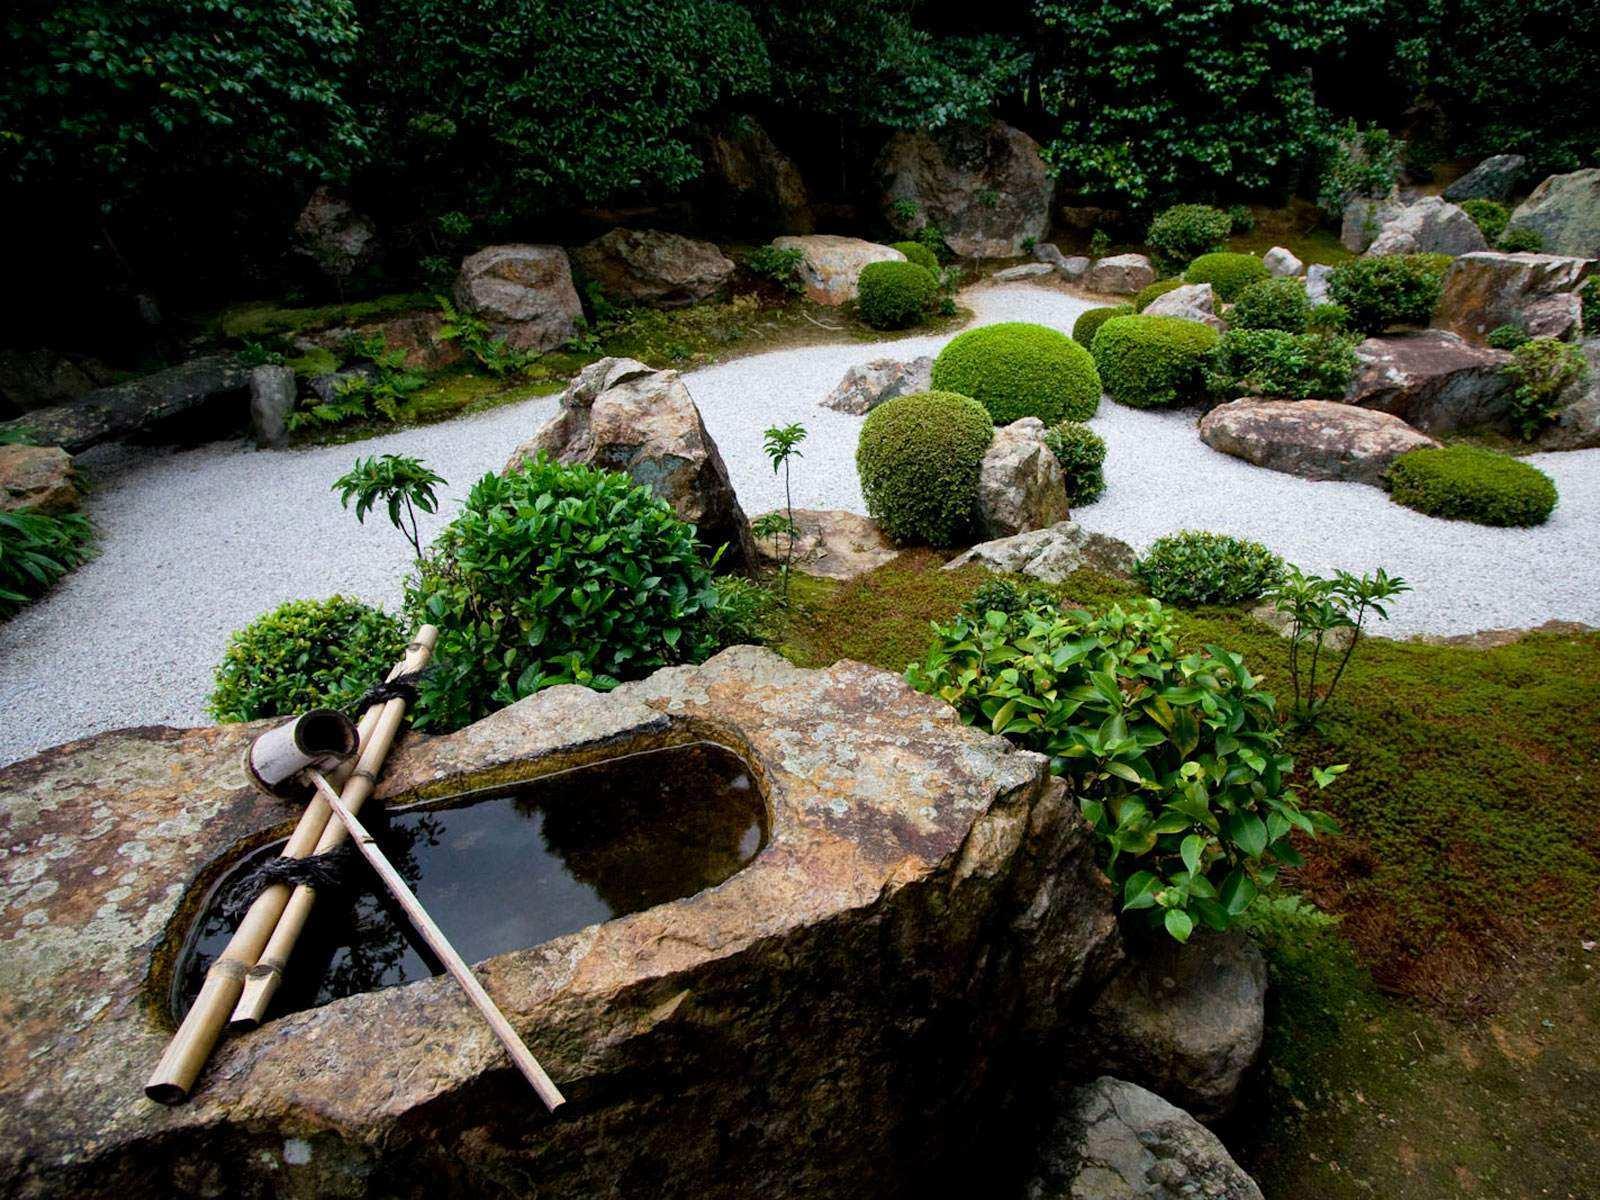 Idee decoration jardin zen - Design en image